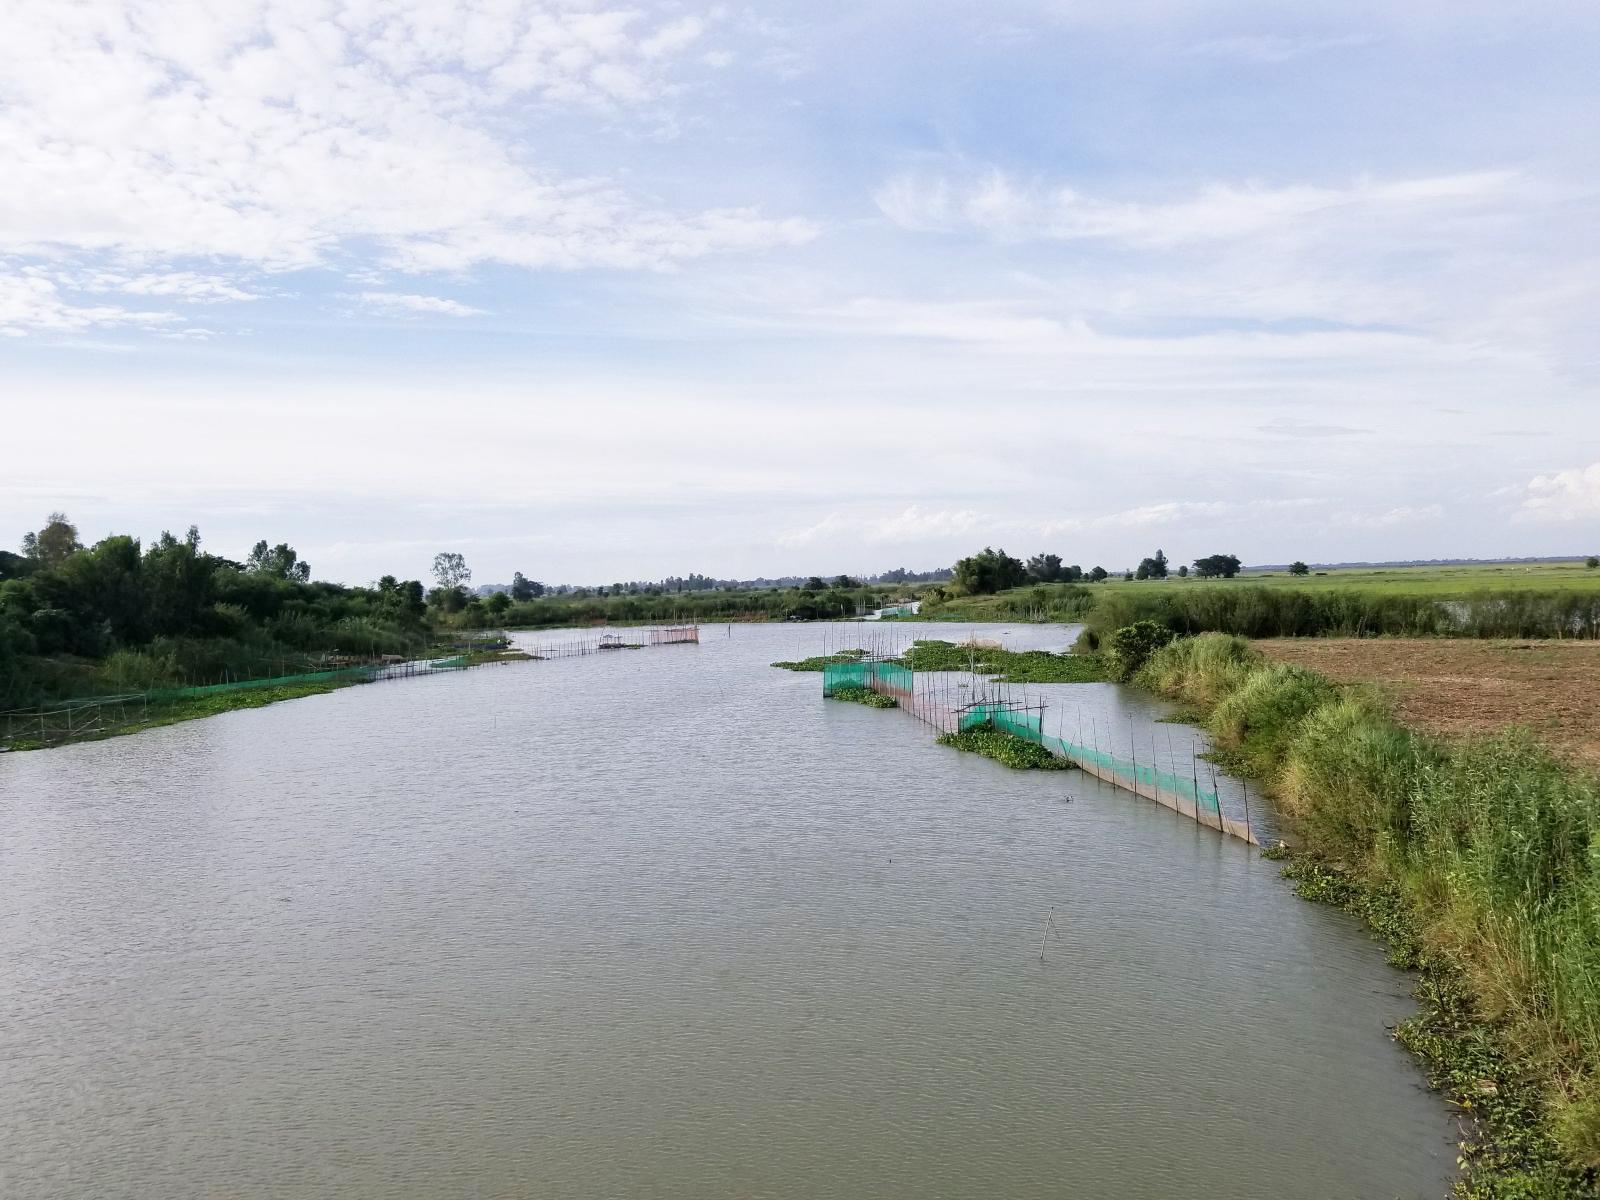 Tuyến kinh Bảy Xã - nơi lũ về sớm nhất ở An Giang đến giờ nước vẫn thấp hơn mặt ruộng phía trên rất nhiều. Ảnh: Bình Nguyên